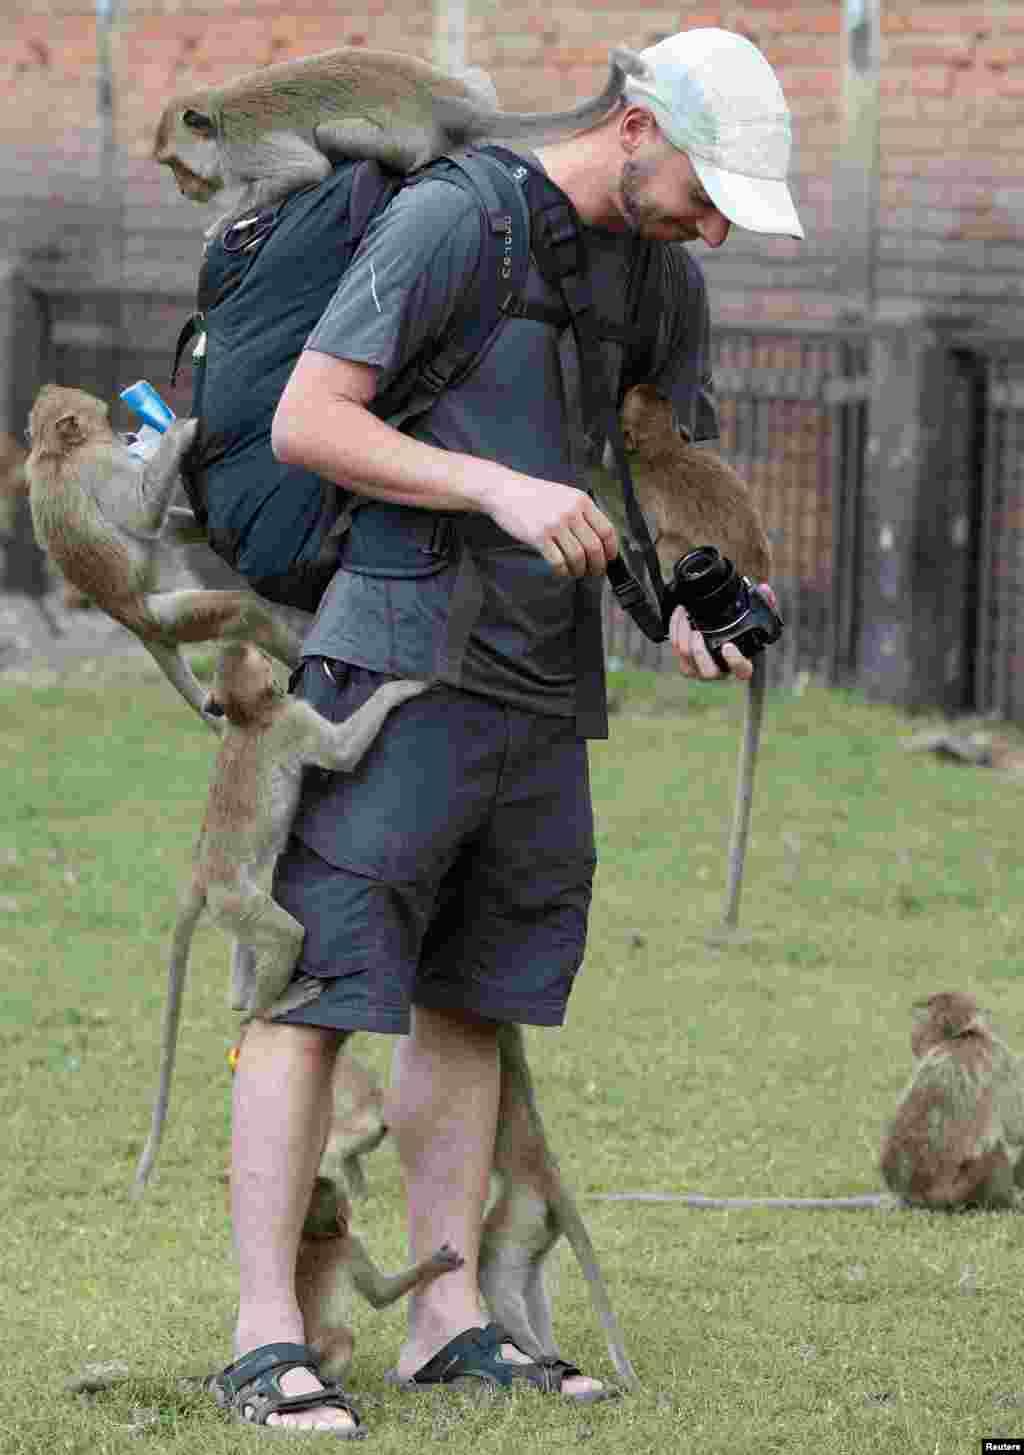 Macacos trepam a turista no templo de Phra Prang Sam Yot temple a norte de Bangkok, na Tailândia.